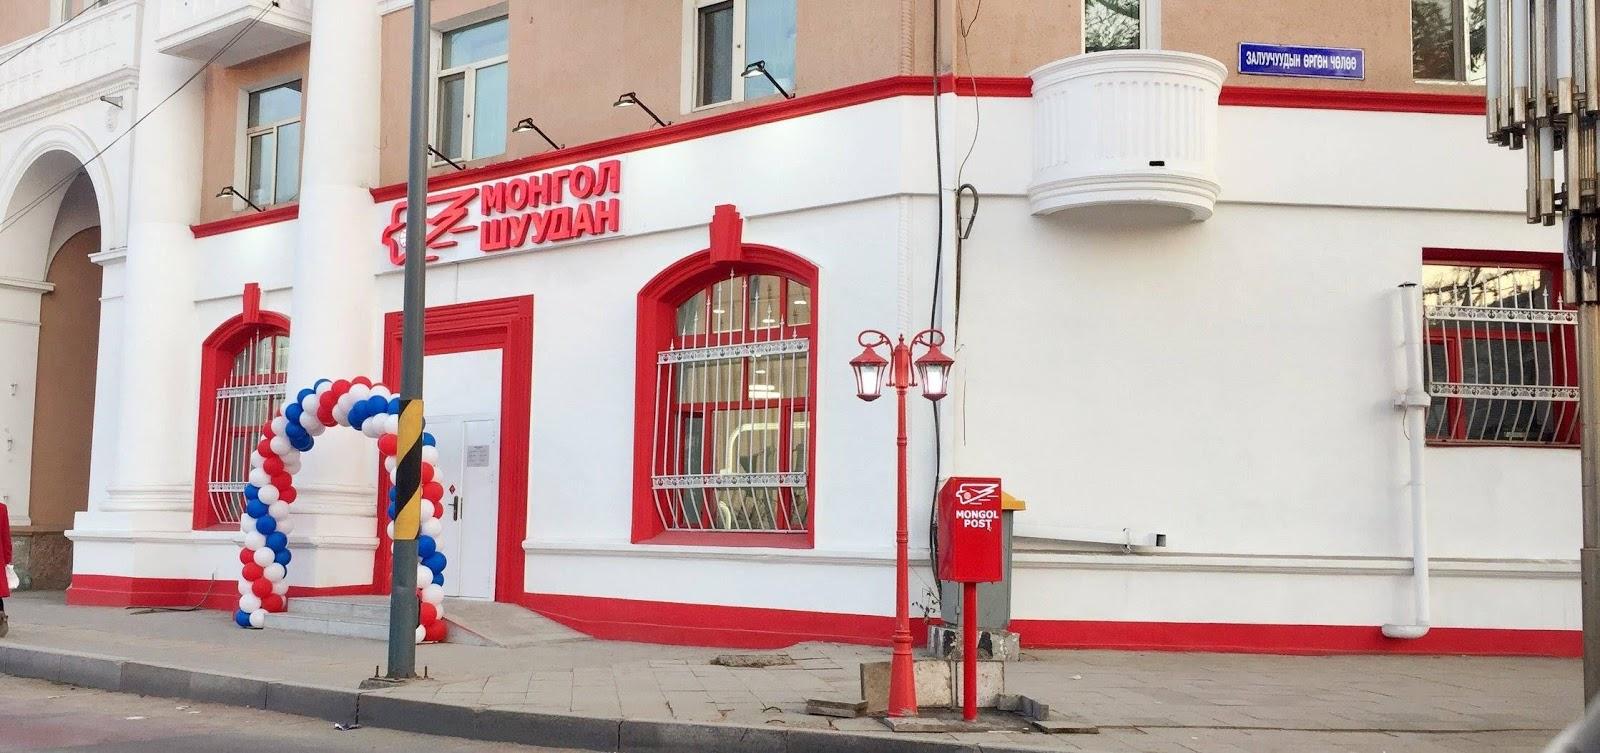 Таван Орд ХХК нь Барилгын алба Монгол шуудан  ХК-н тохижилтын стандартыг амжилттай хэрэгжүүлэв.